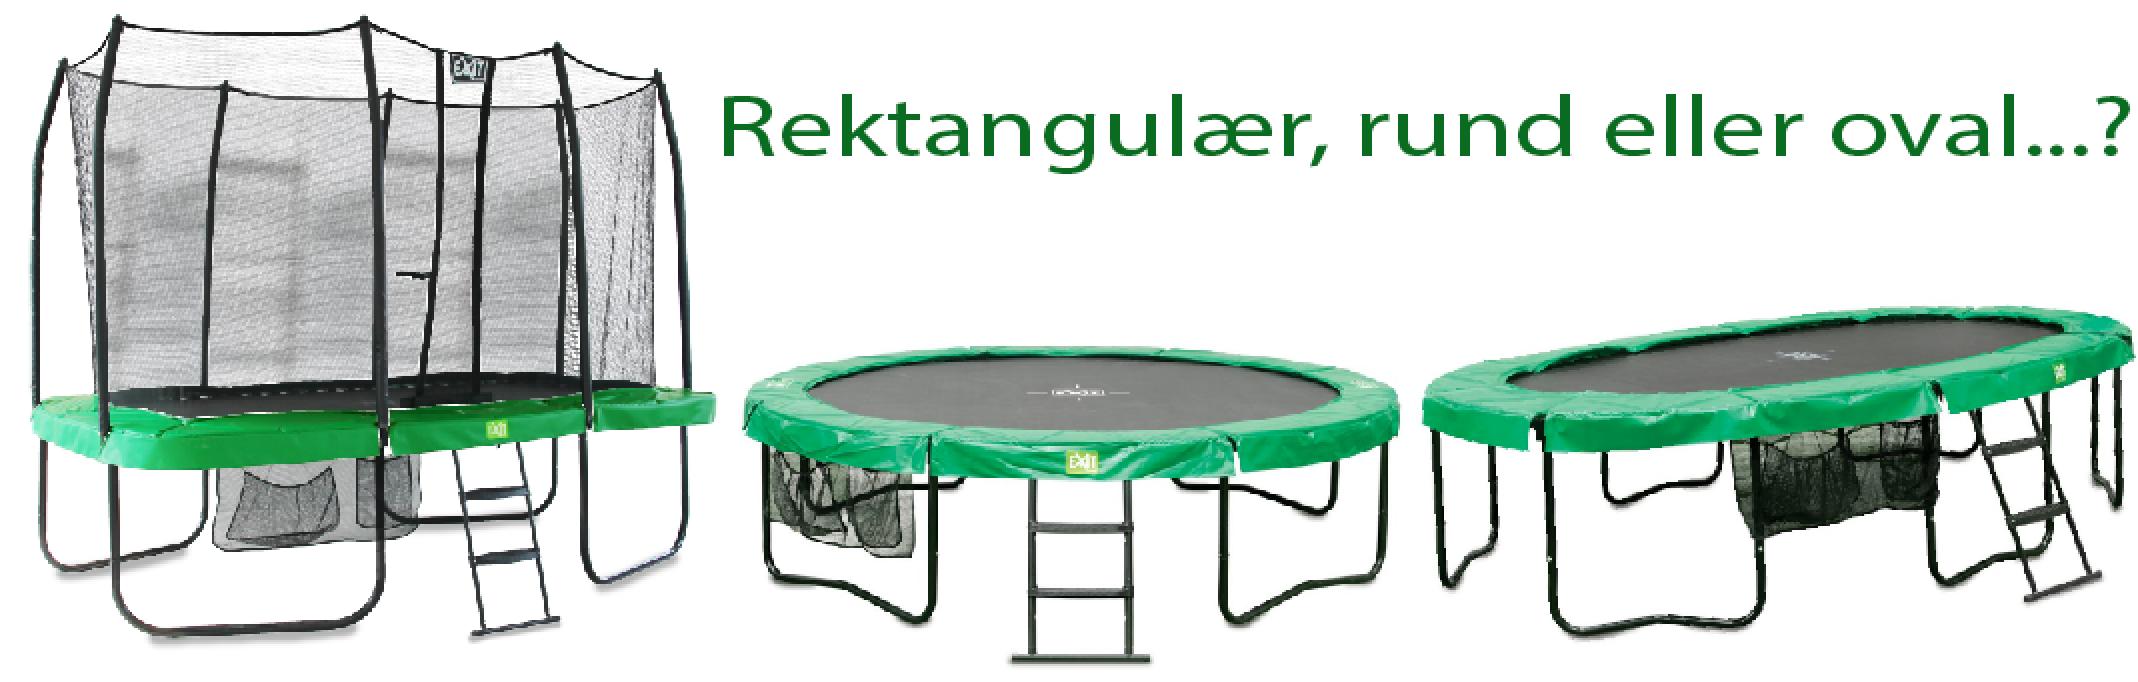 Fantastisk Firkantet, oval eller rund trampoline – hva skal du velge? | KL-23